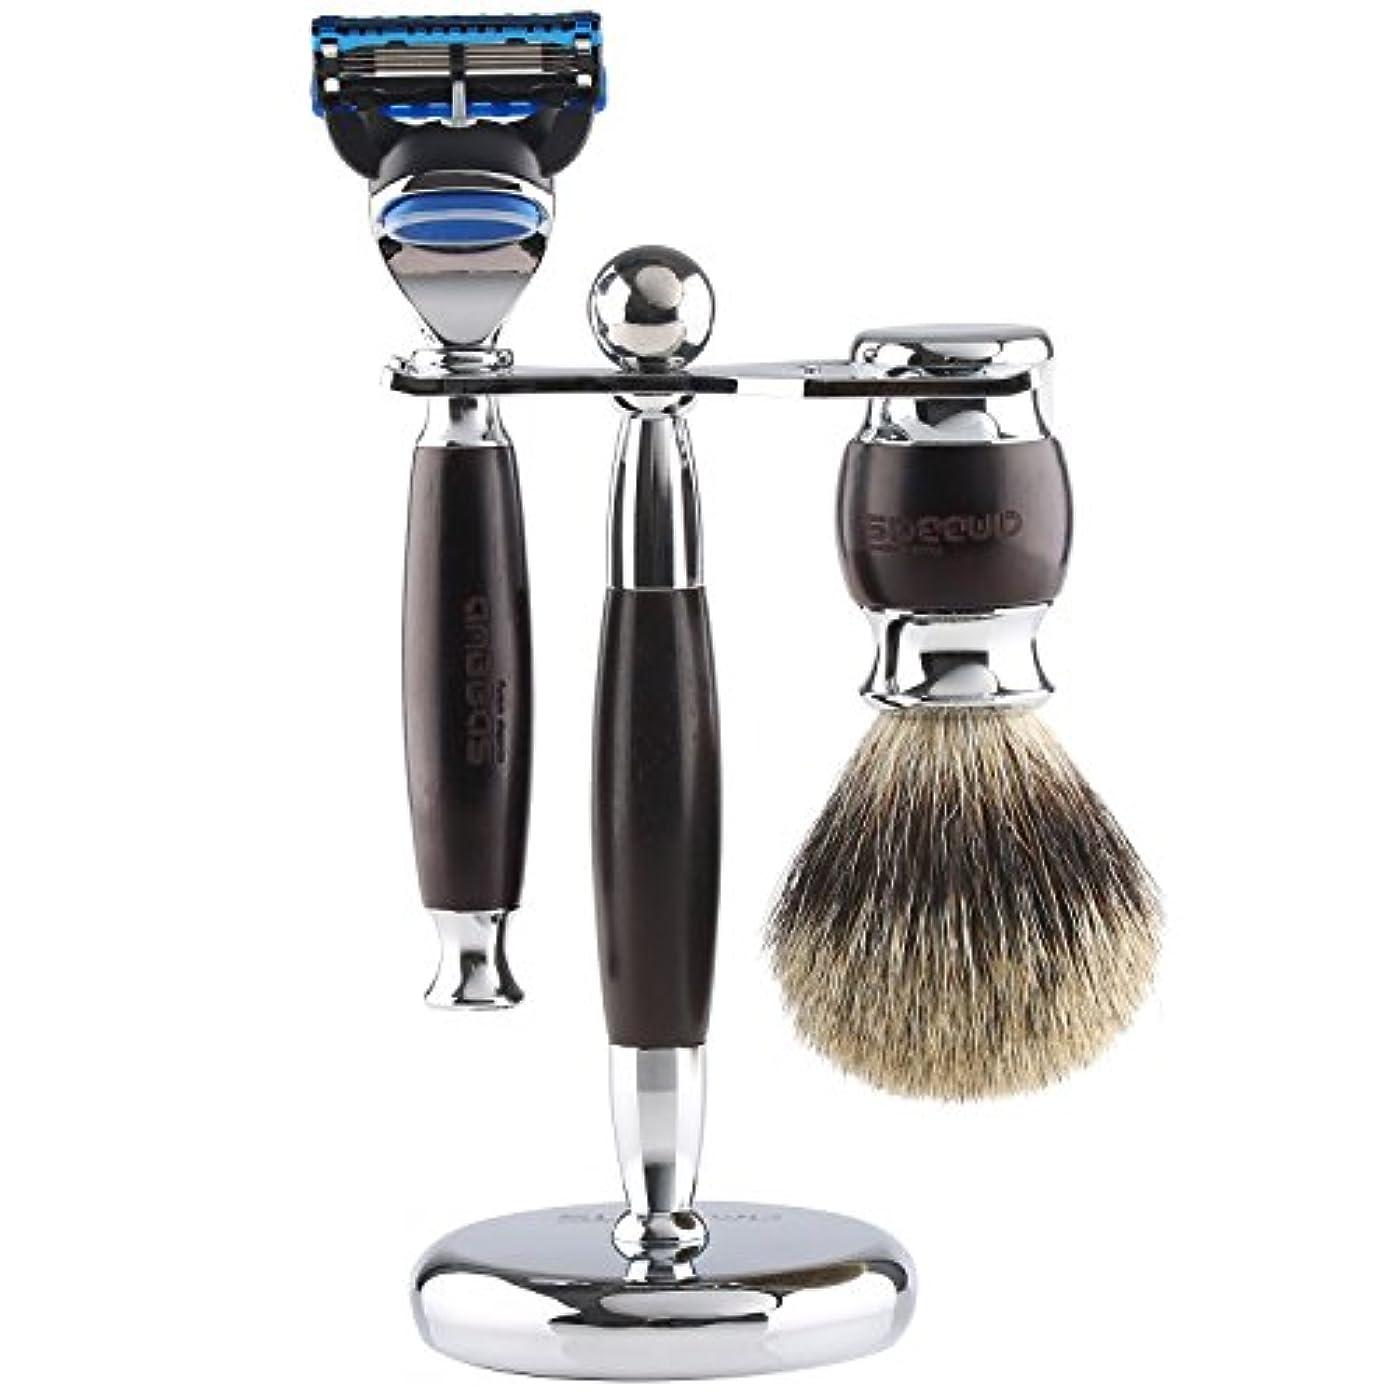 十年治安判事申請者Easy Raku®Anbbas 3in1 クラシックシェービングブラシセット 剃刀スタンド アナグマ毛シェービングブラシ シェービングカートリッジ 剃刀ハンドル メンズ